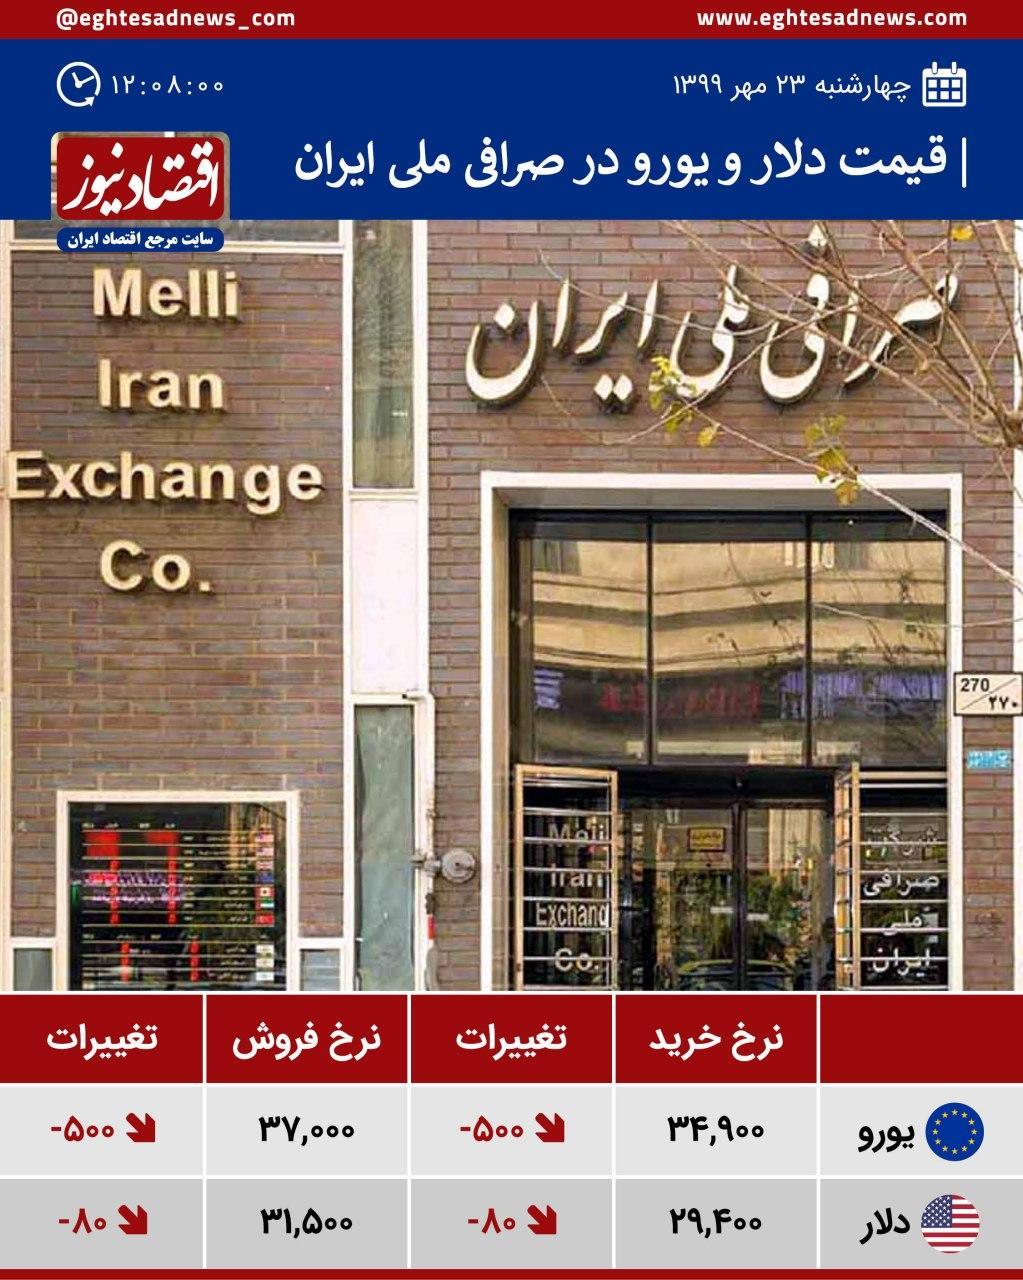 قیمت دلار و یورو صرافی ملی امروز 23 مهر 99